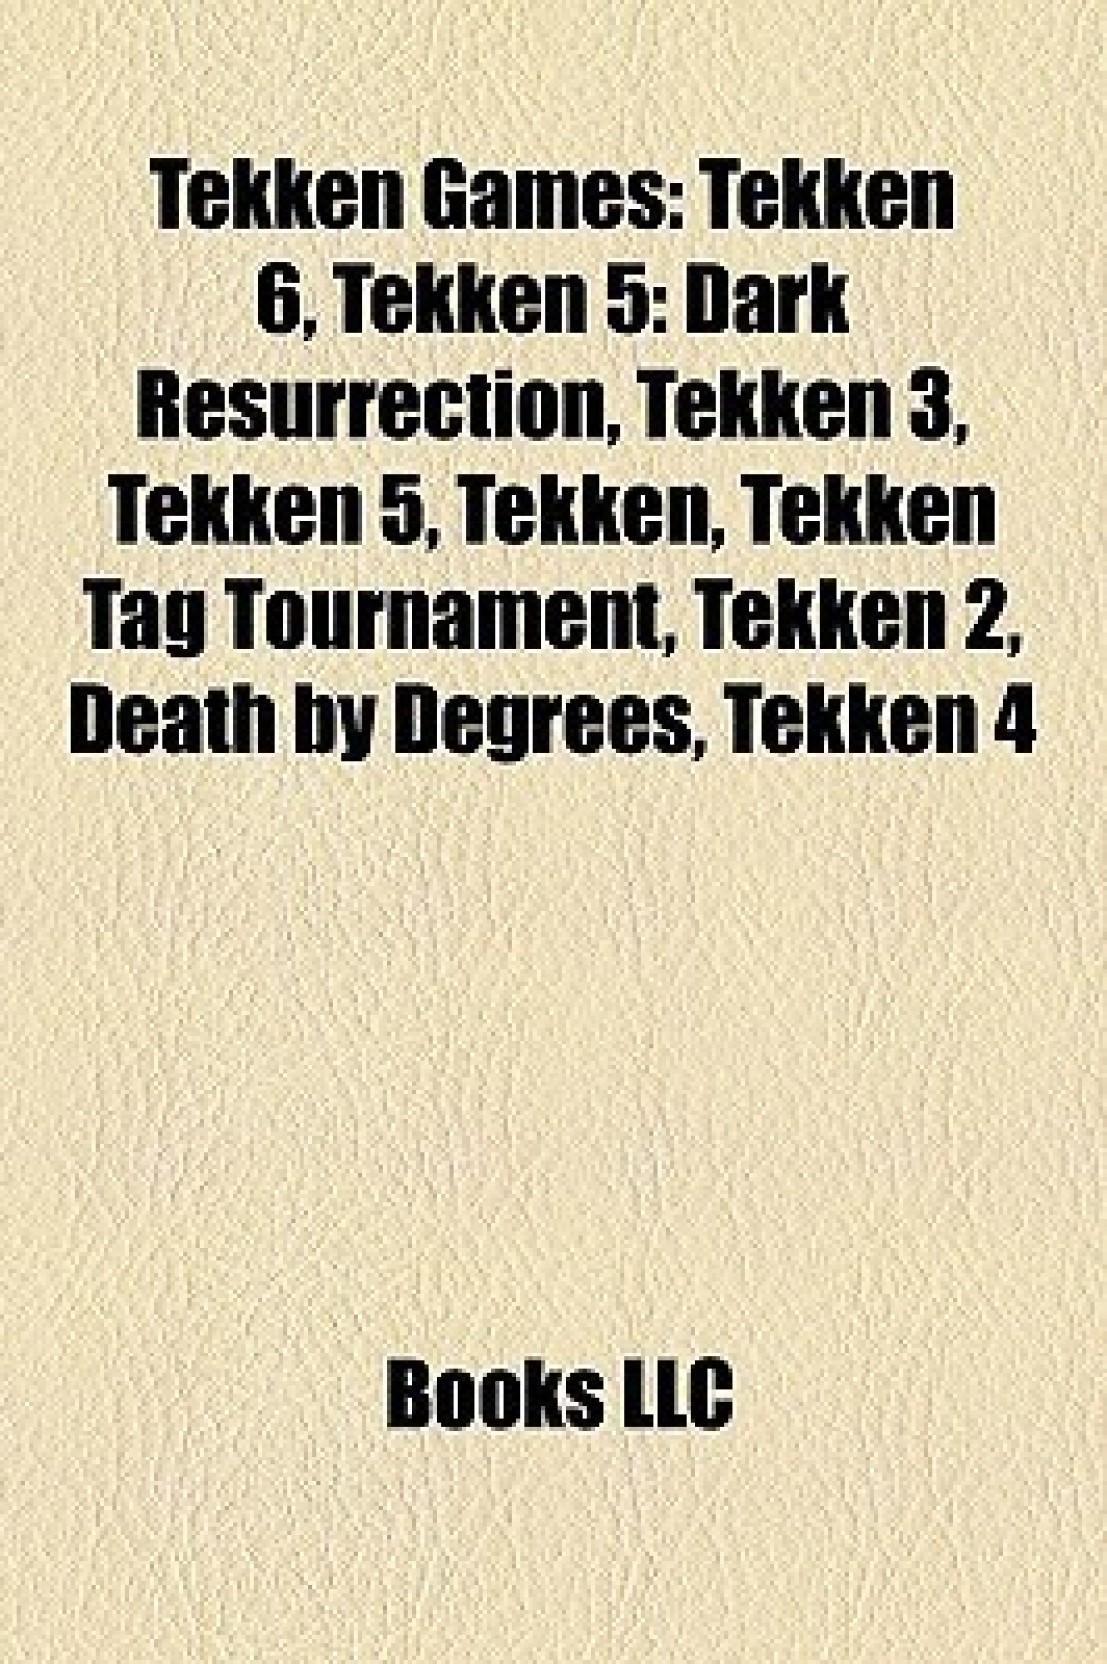 Tekken Games: Tekken 6, Tekken 5: Dark Resurrection, Tekken 3